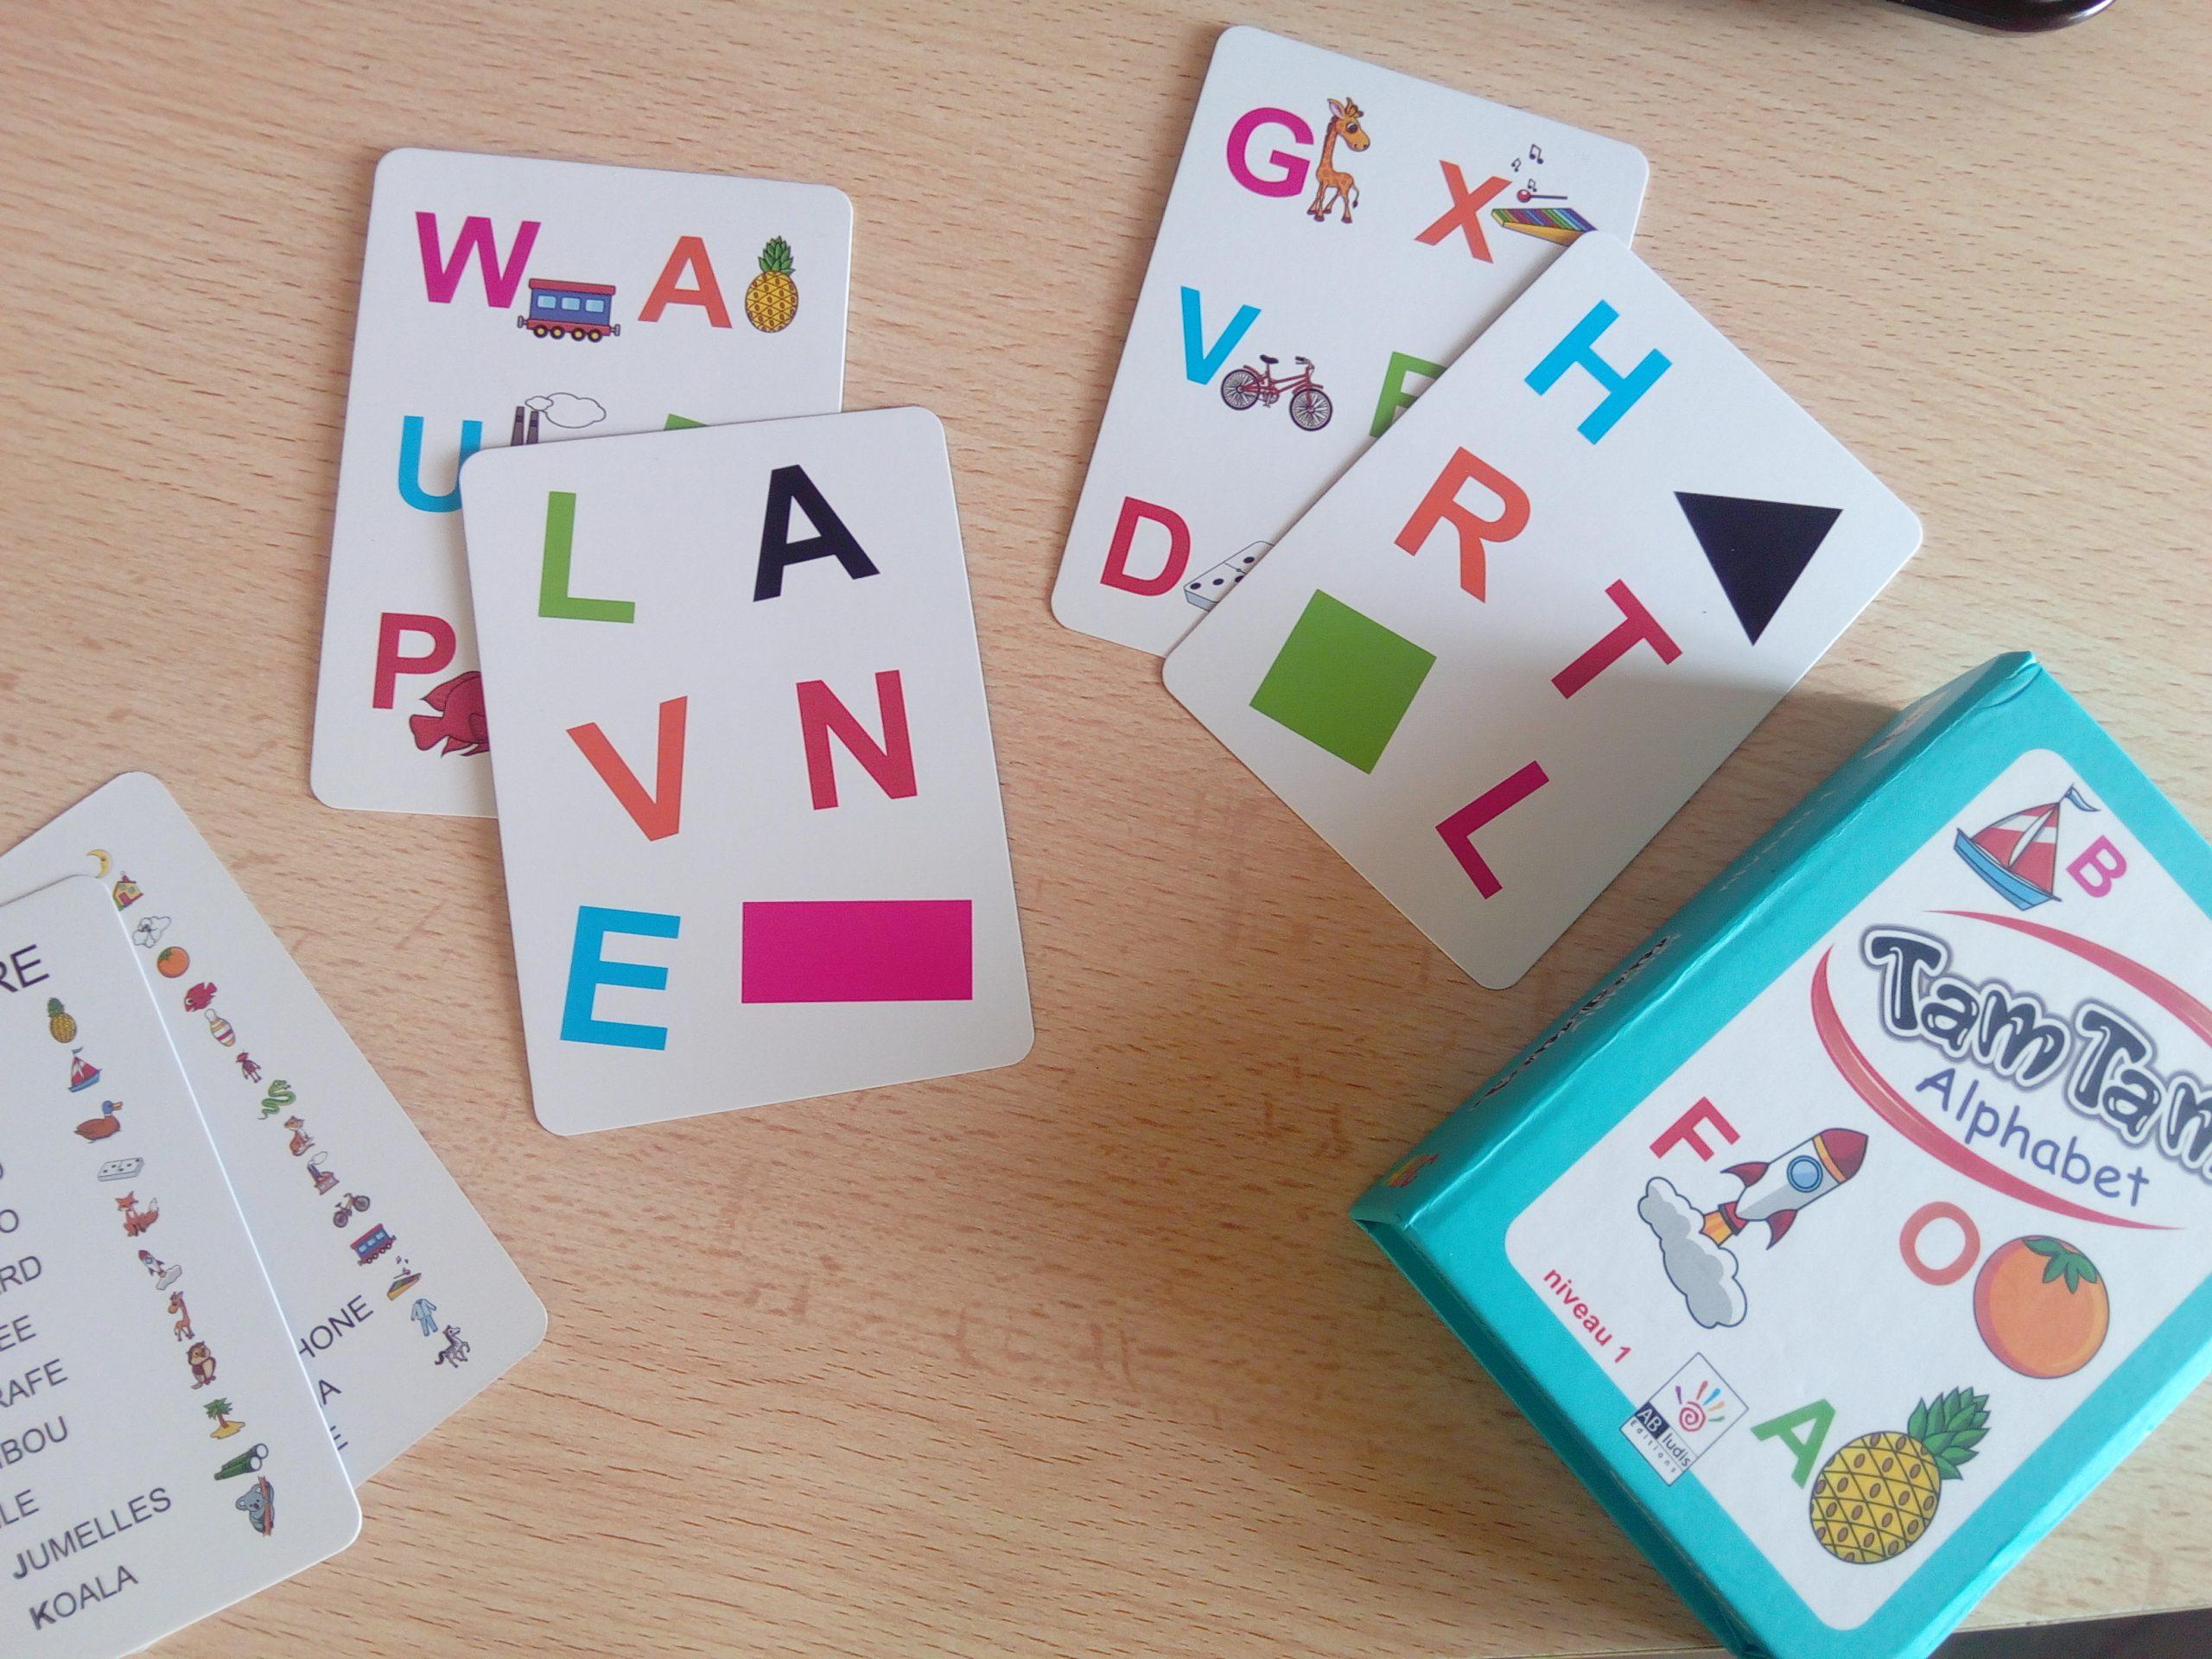 3 Jeux Progressifs Pour Améliorer La Lecture (De 4 Ans À 8 Ans) concernant Jeux Pour Apprendre À Lire 4 Ans